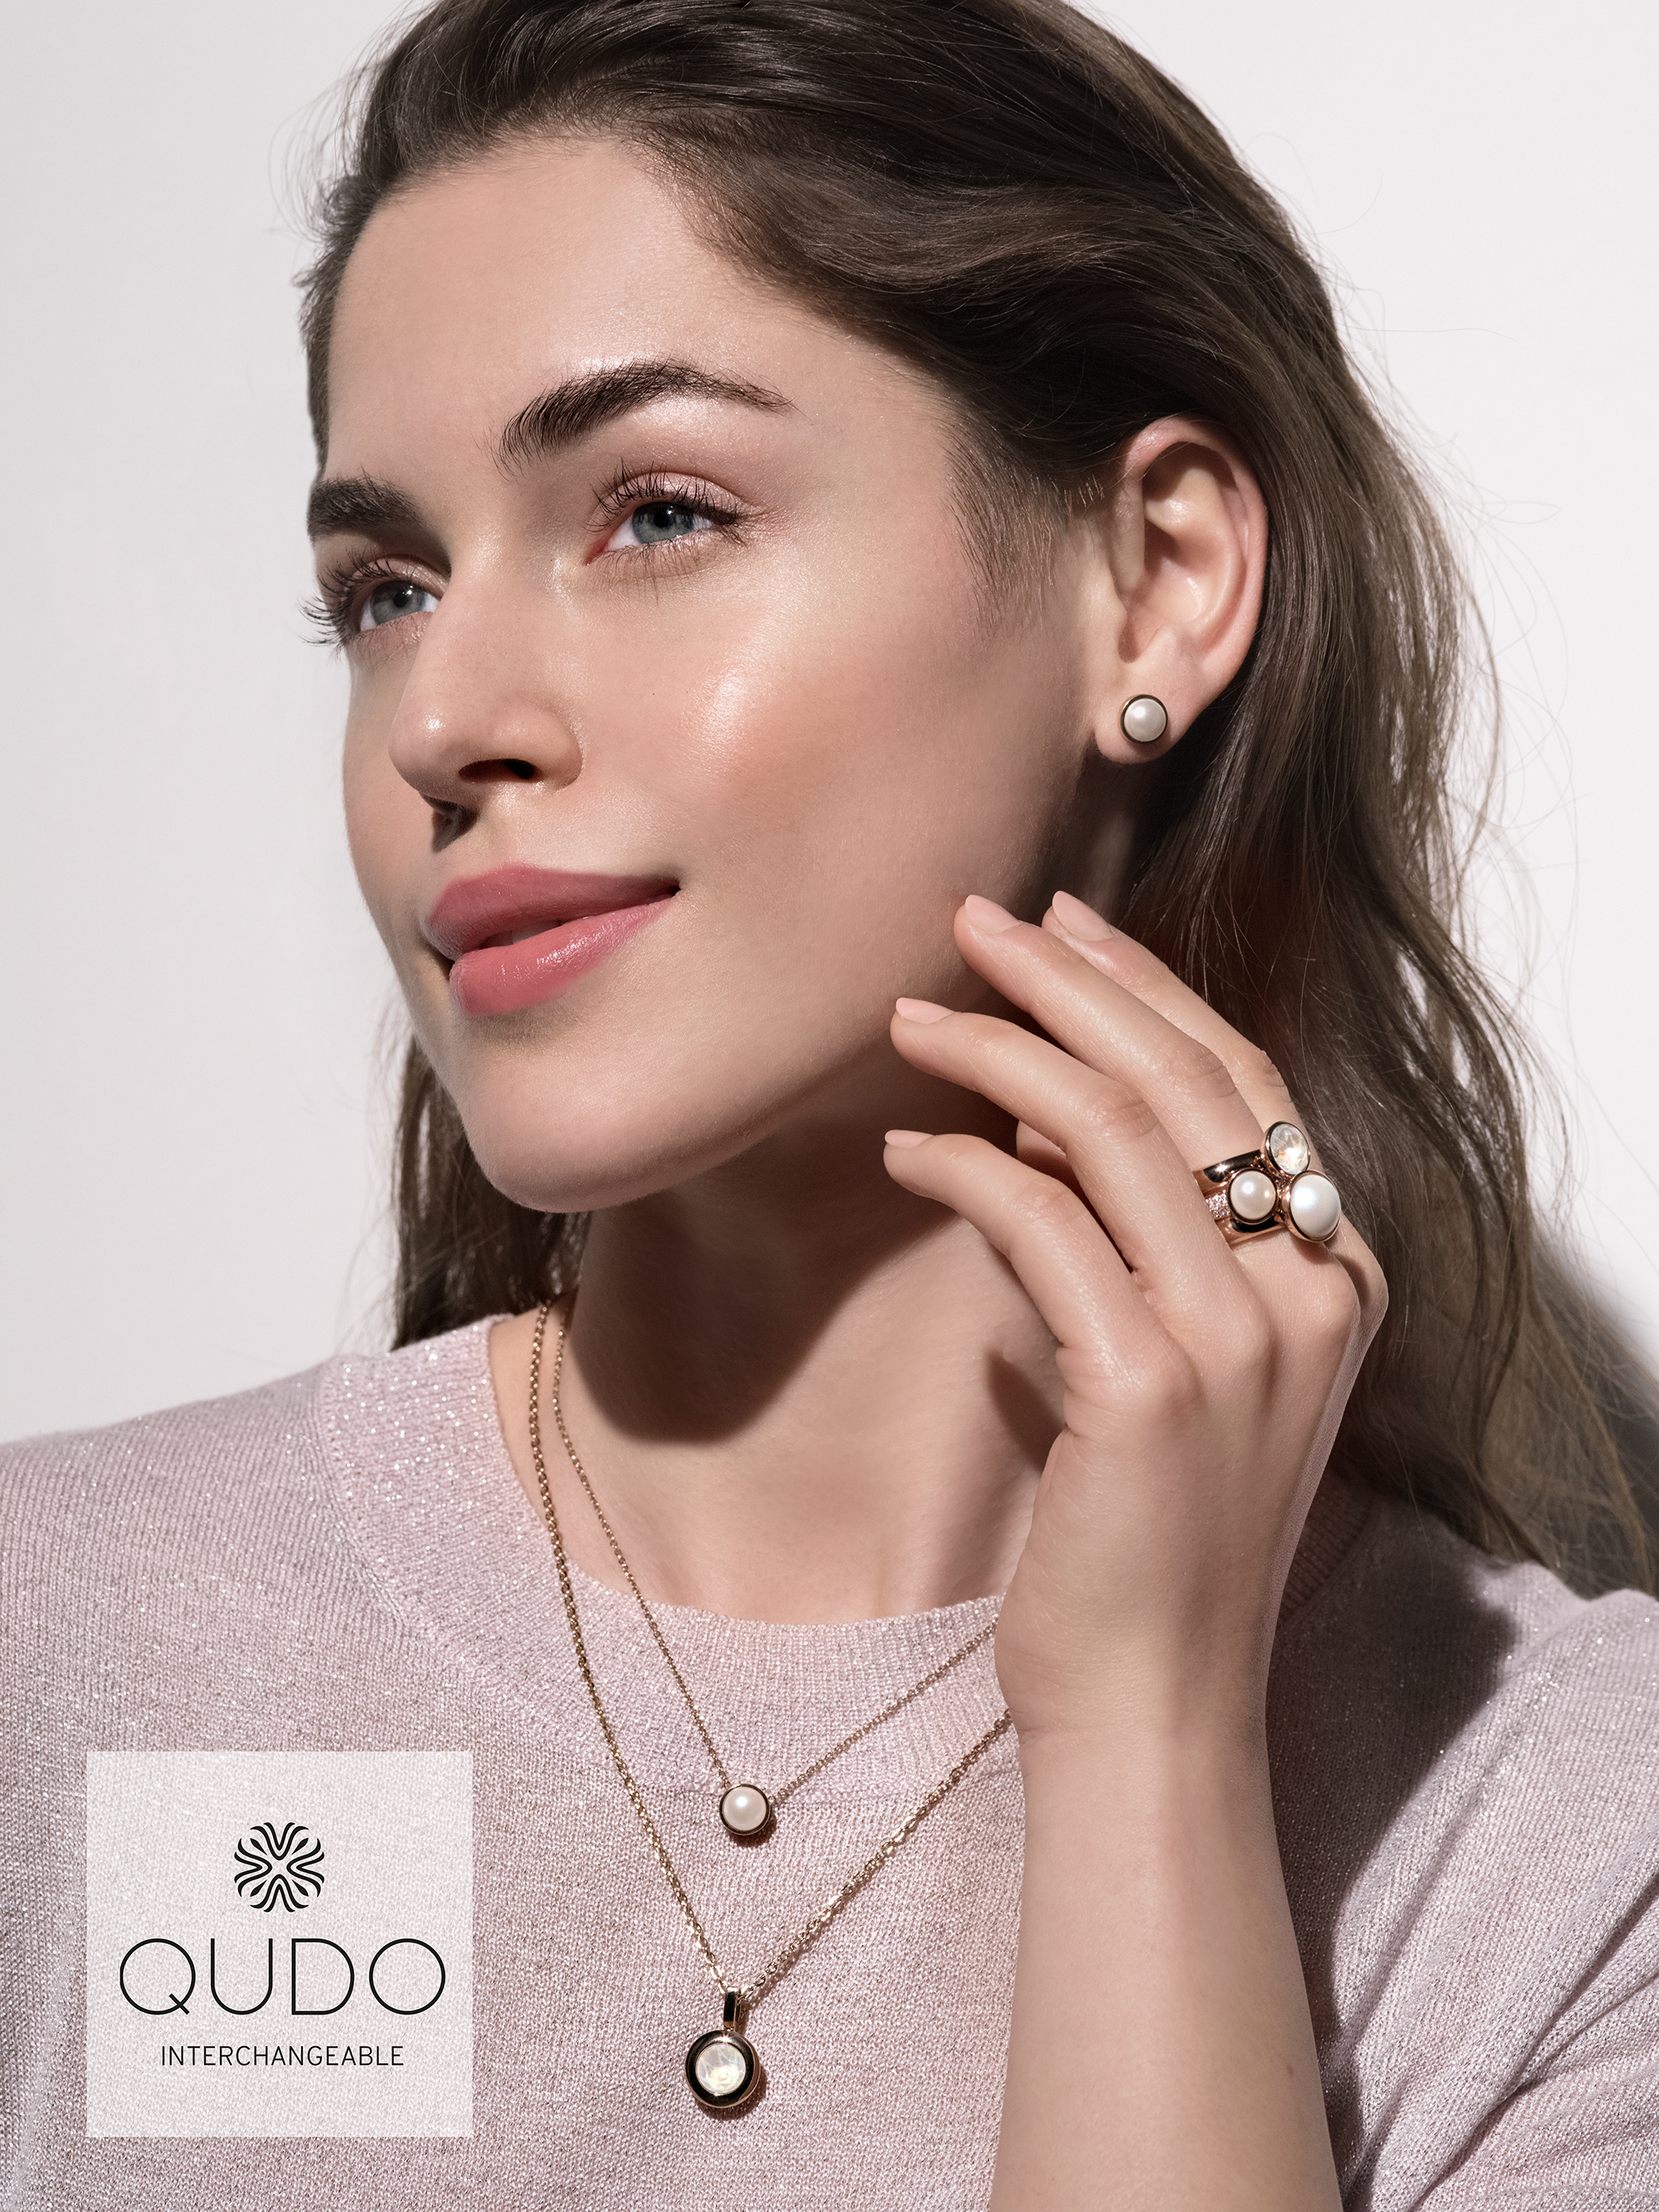 Náušnice QUDO, CANINO zlaté - krémová perla